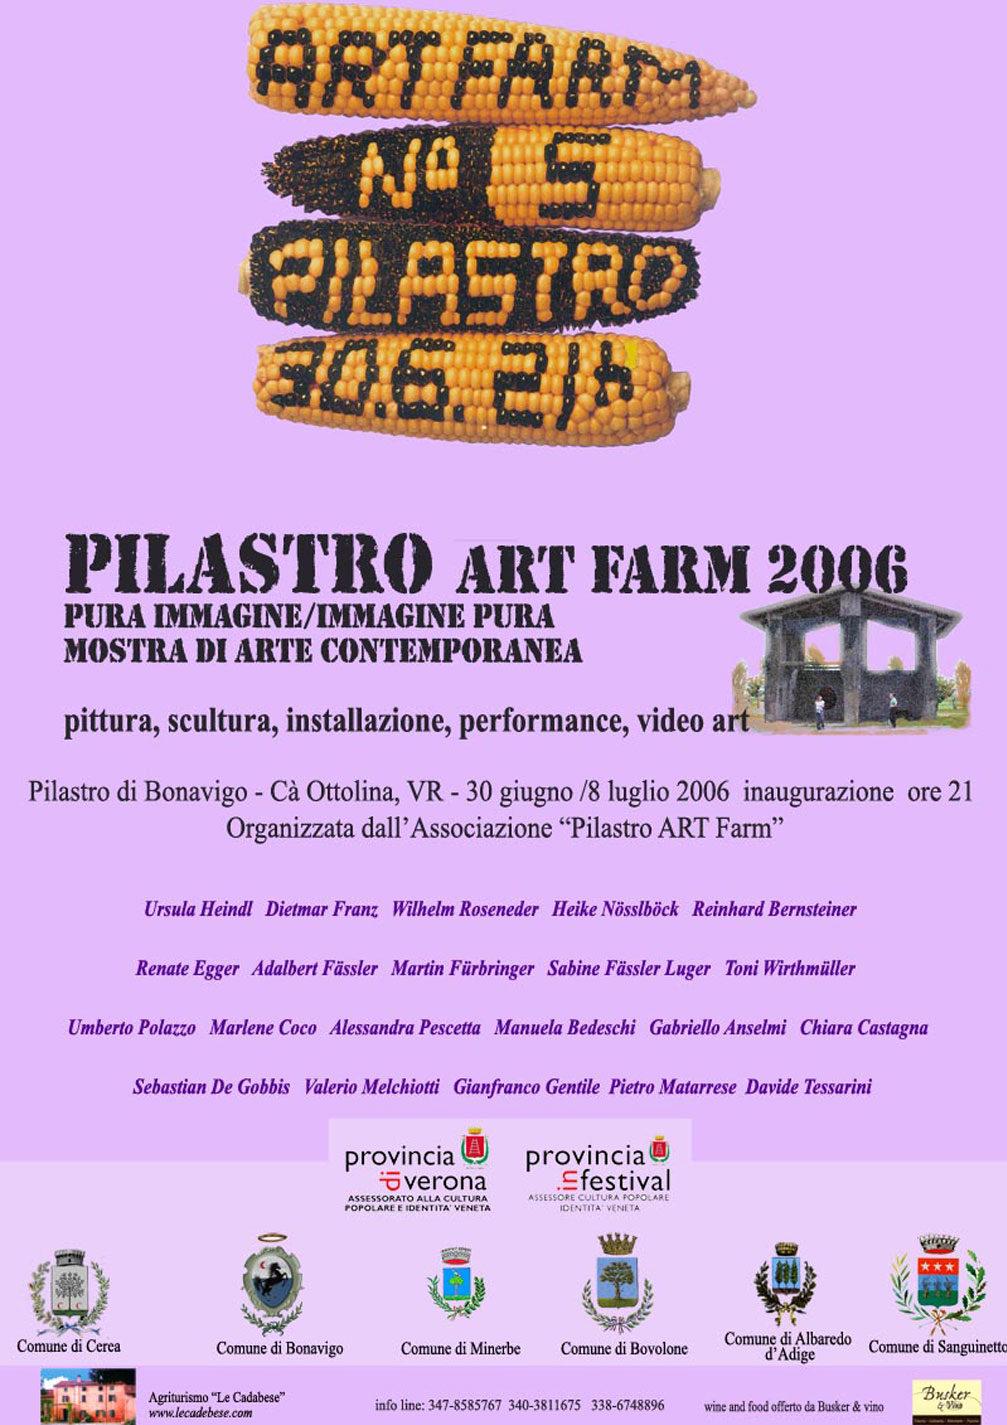 Pura immagine immagine pura - Artfarm Pilastro -2006